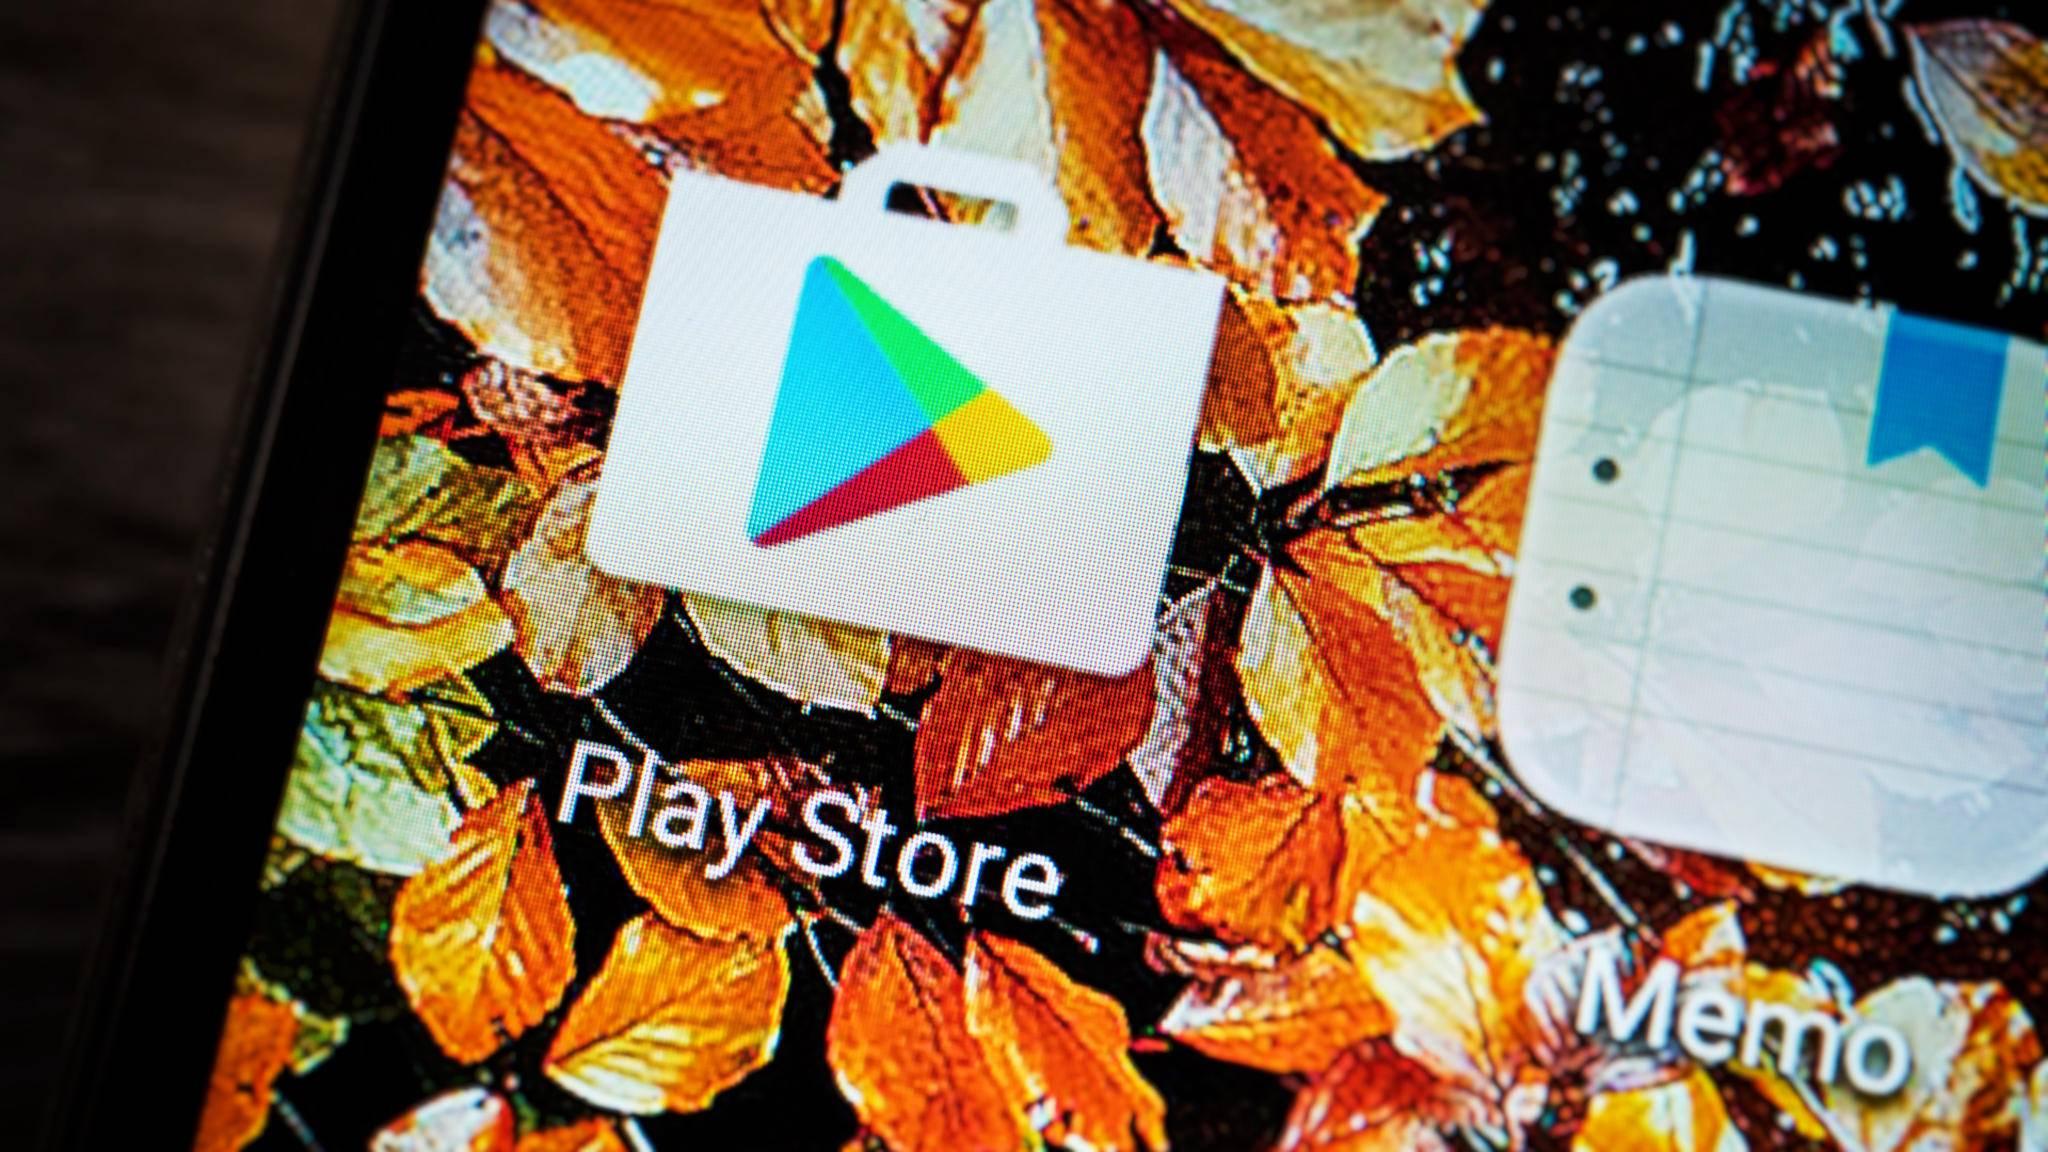 Jede Woche eine kostenlose Android-App? Google startet ein Angebot aus dem letzten Jahr erneut.